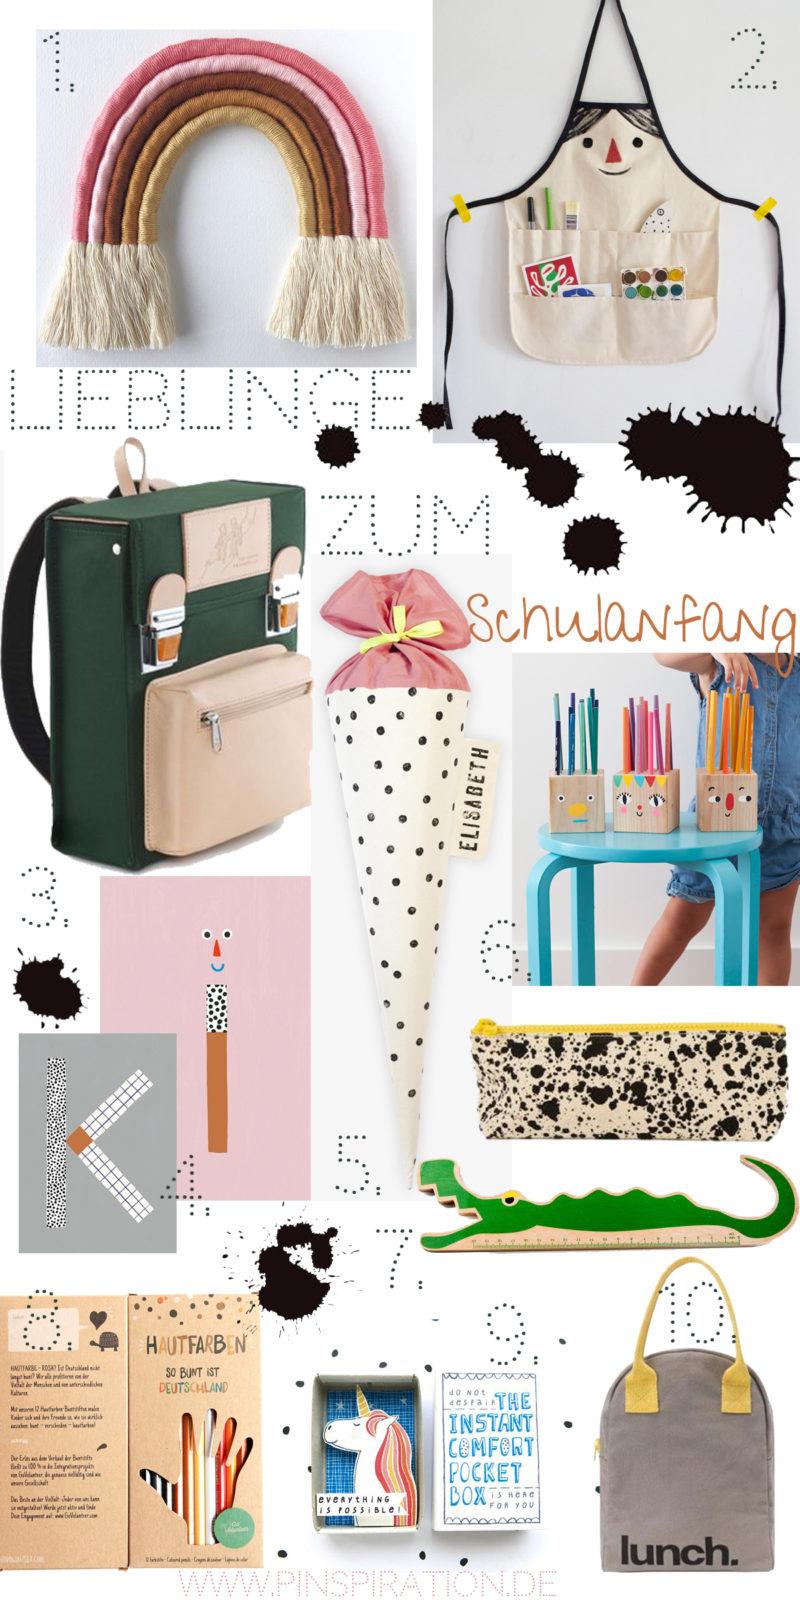 Pinterest Lieblinge zum Schulanfang #Schulanfang #Schulstart #Backtoschool #Pinterest #Pinspiration | Pinspiration.de